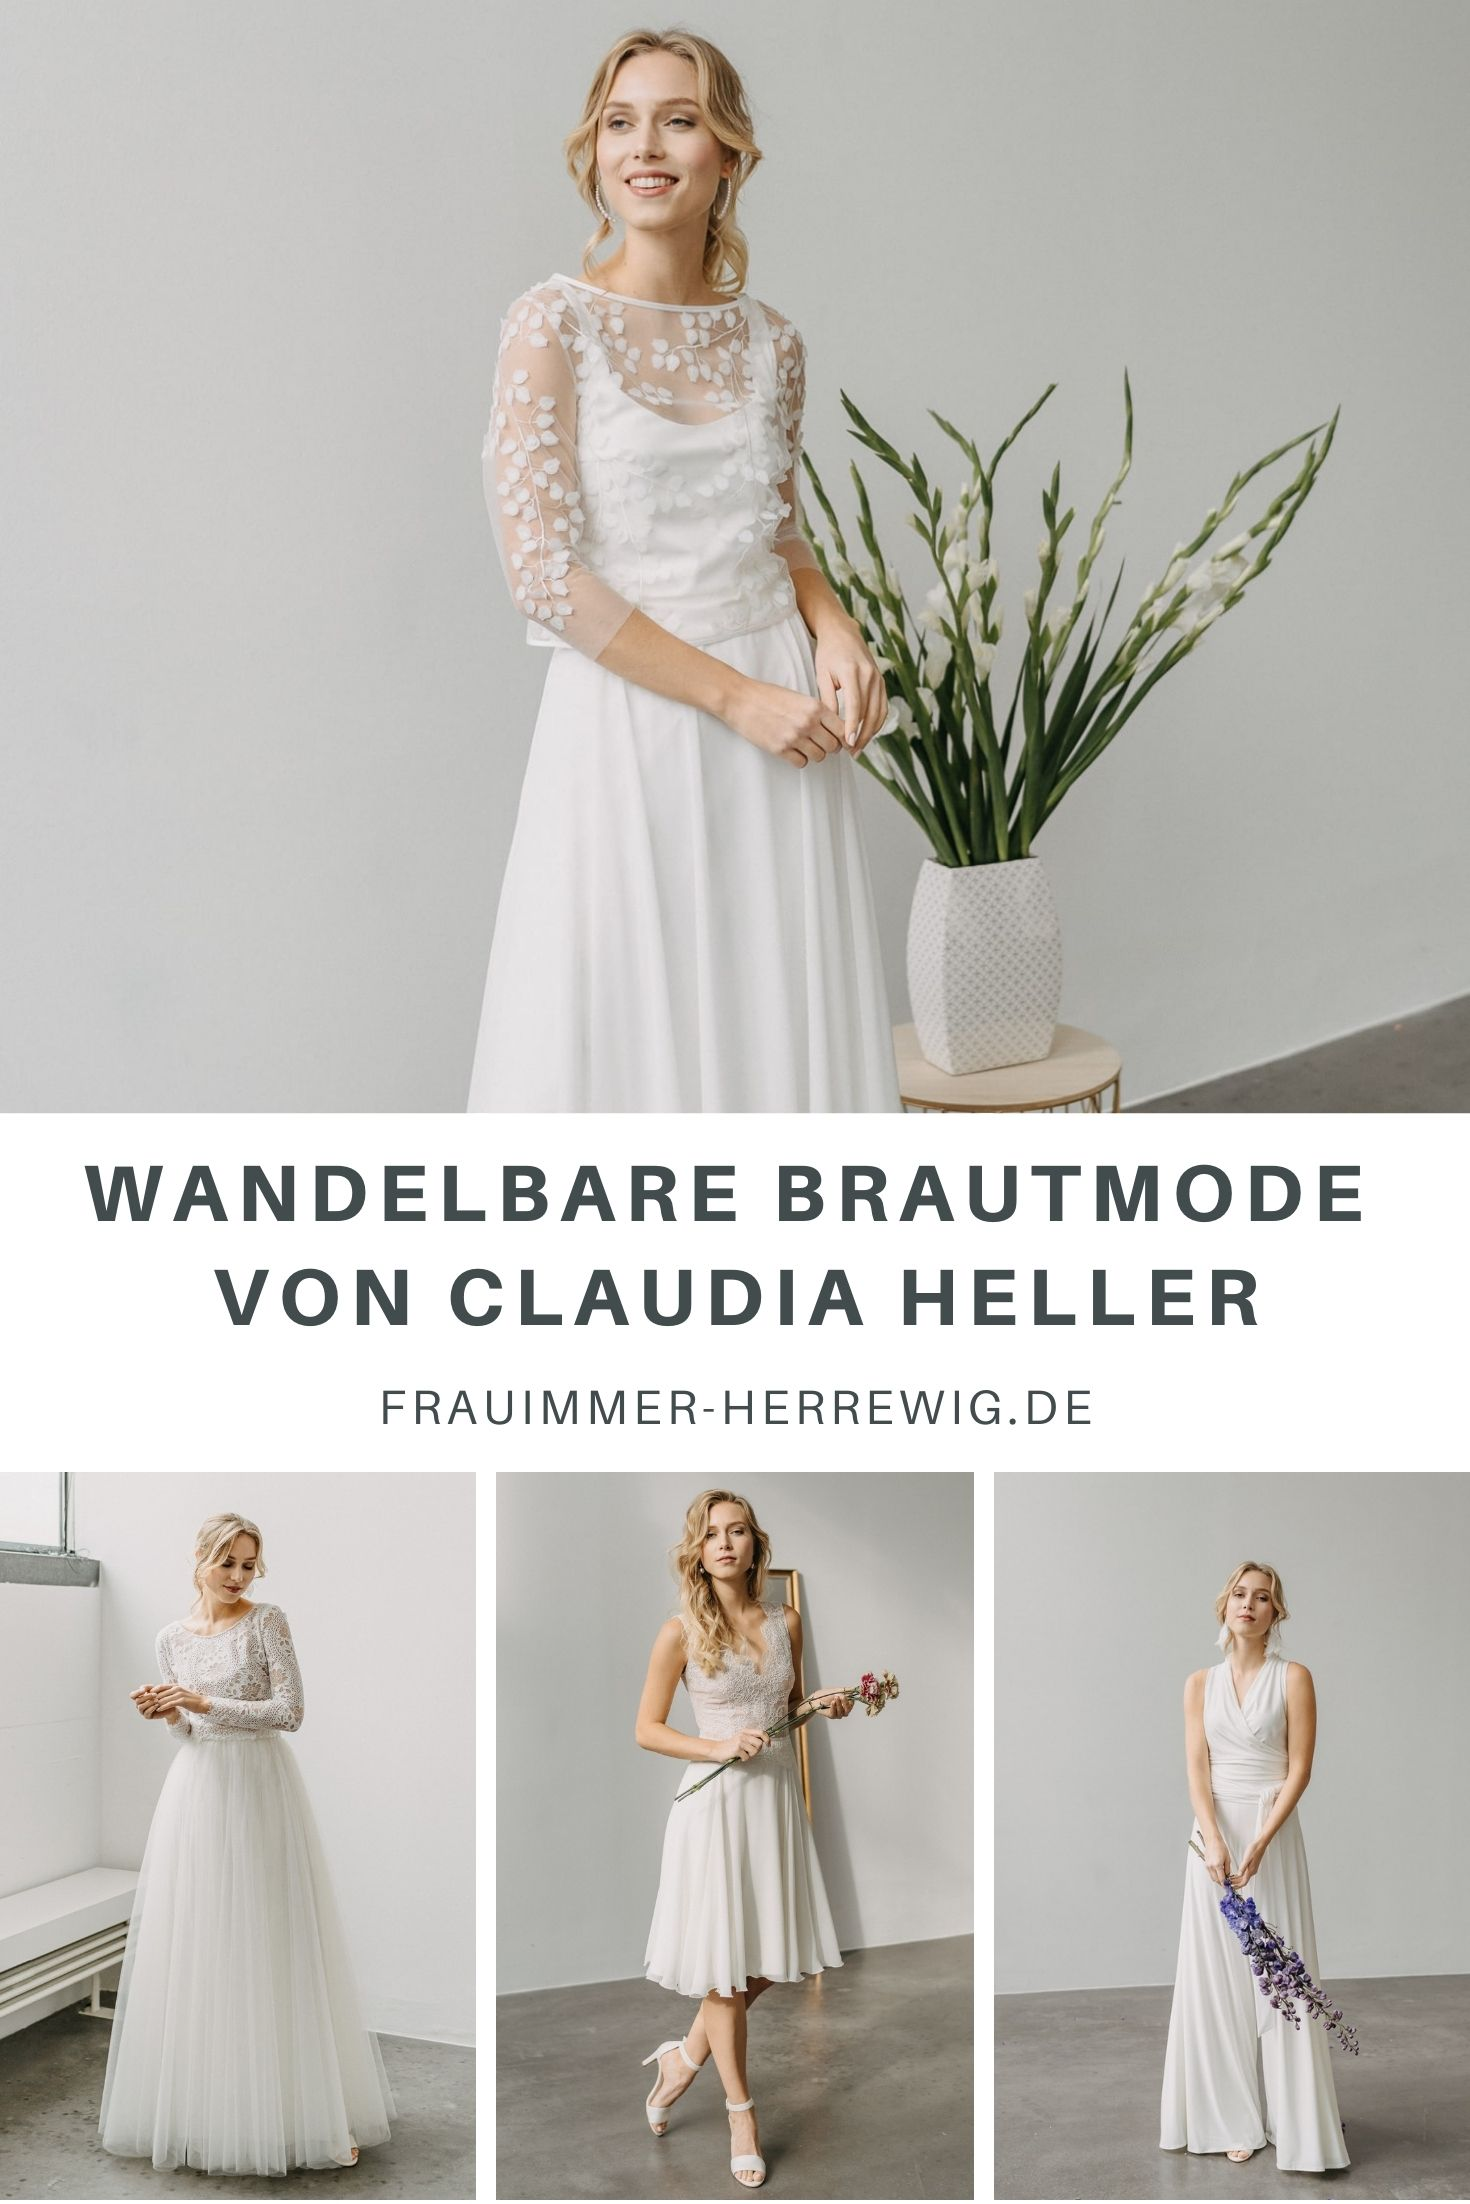 Claudia heller brautmode – gesehen bei frauimmer-herrewig.de